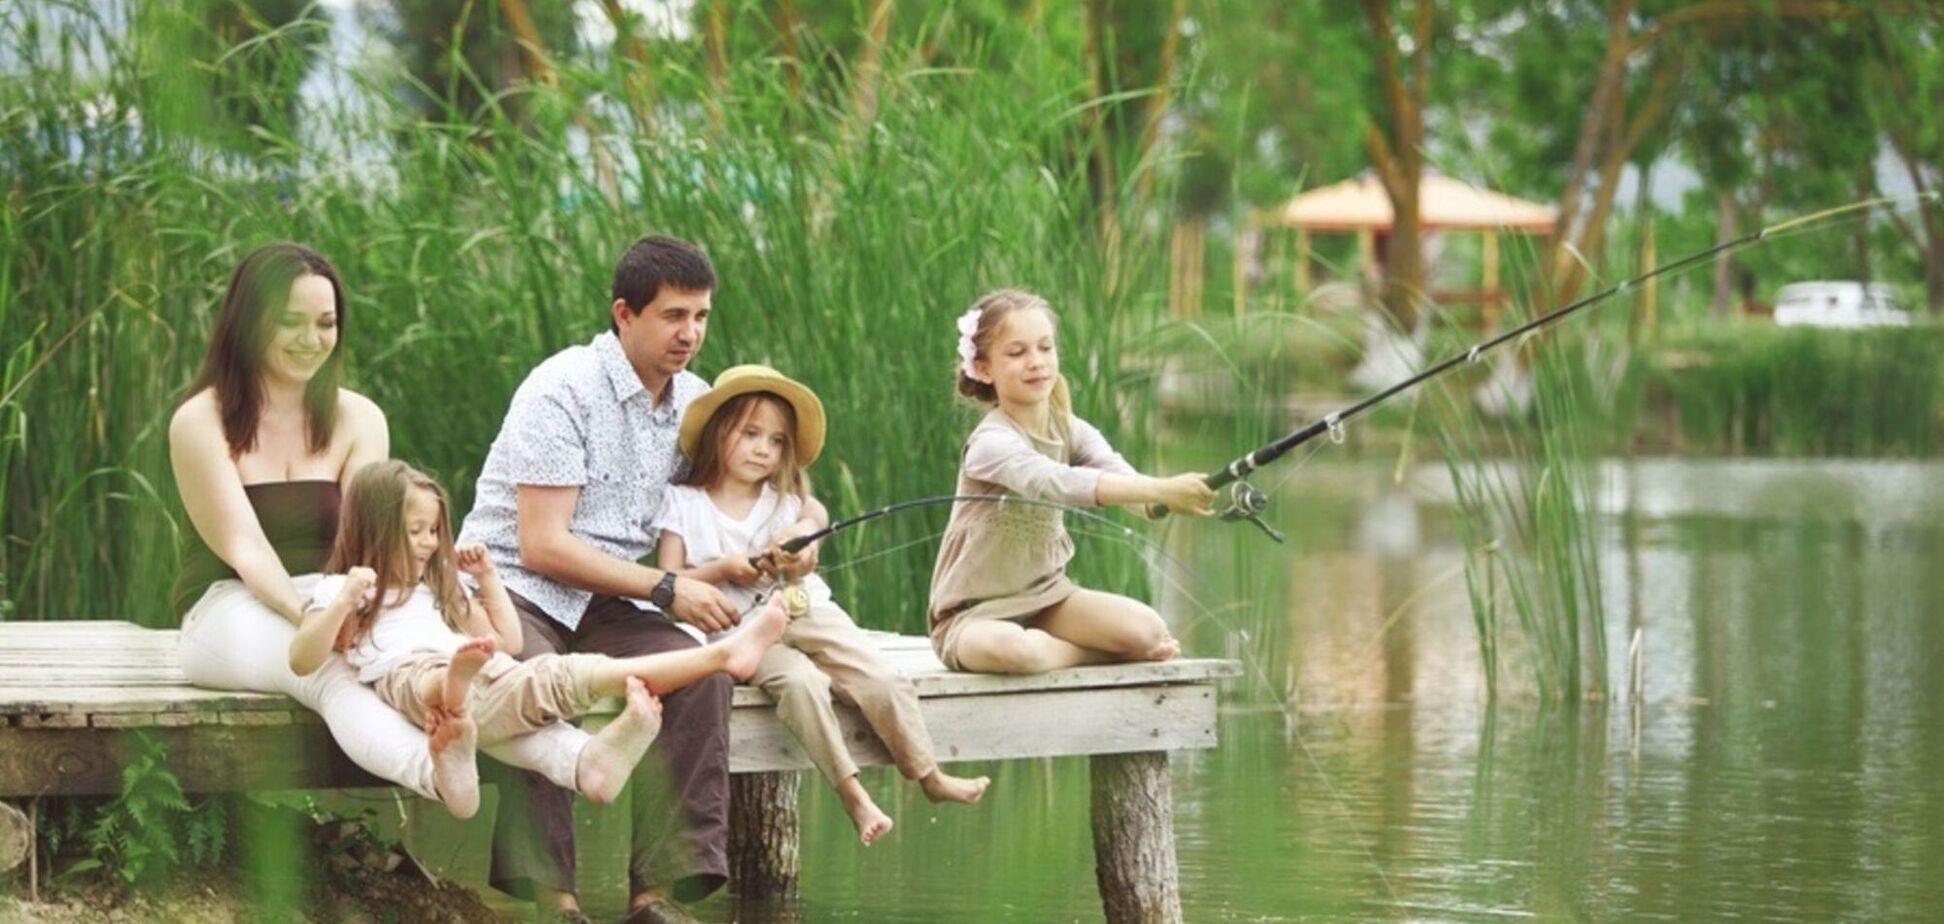 Отдых у реки: ТОП мест в Днепре и области, где можно расслабиться